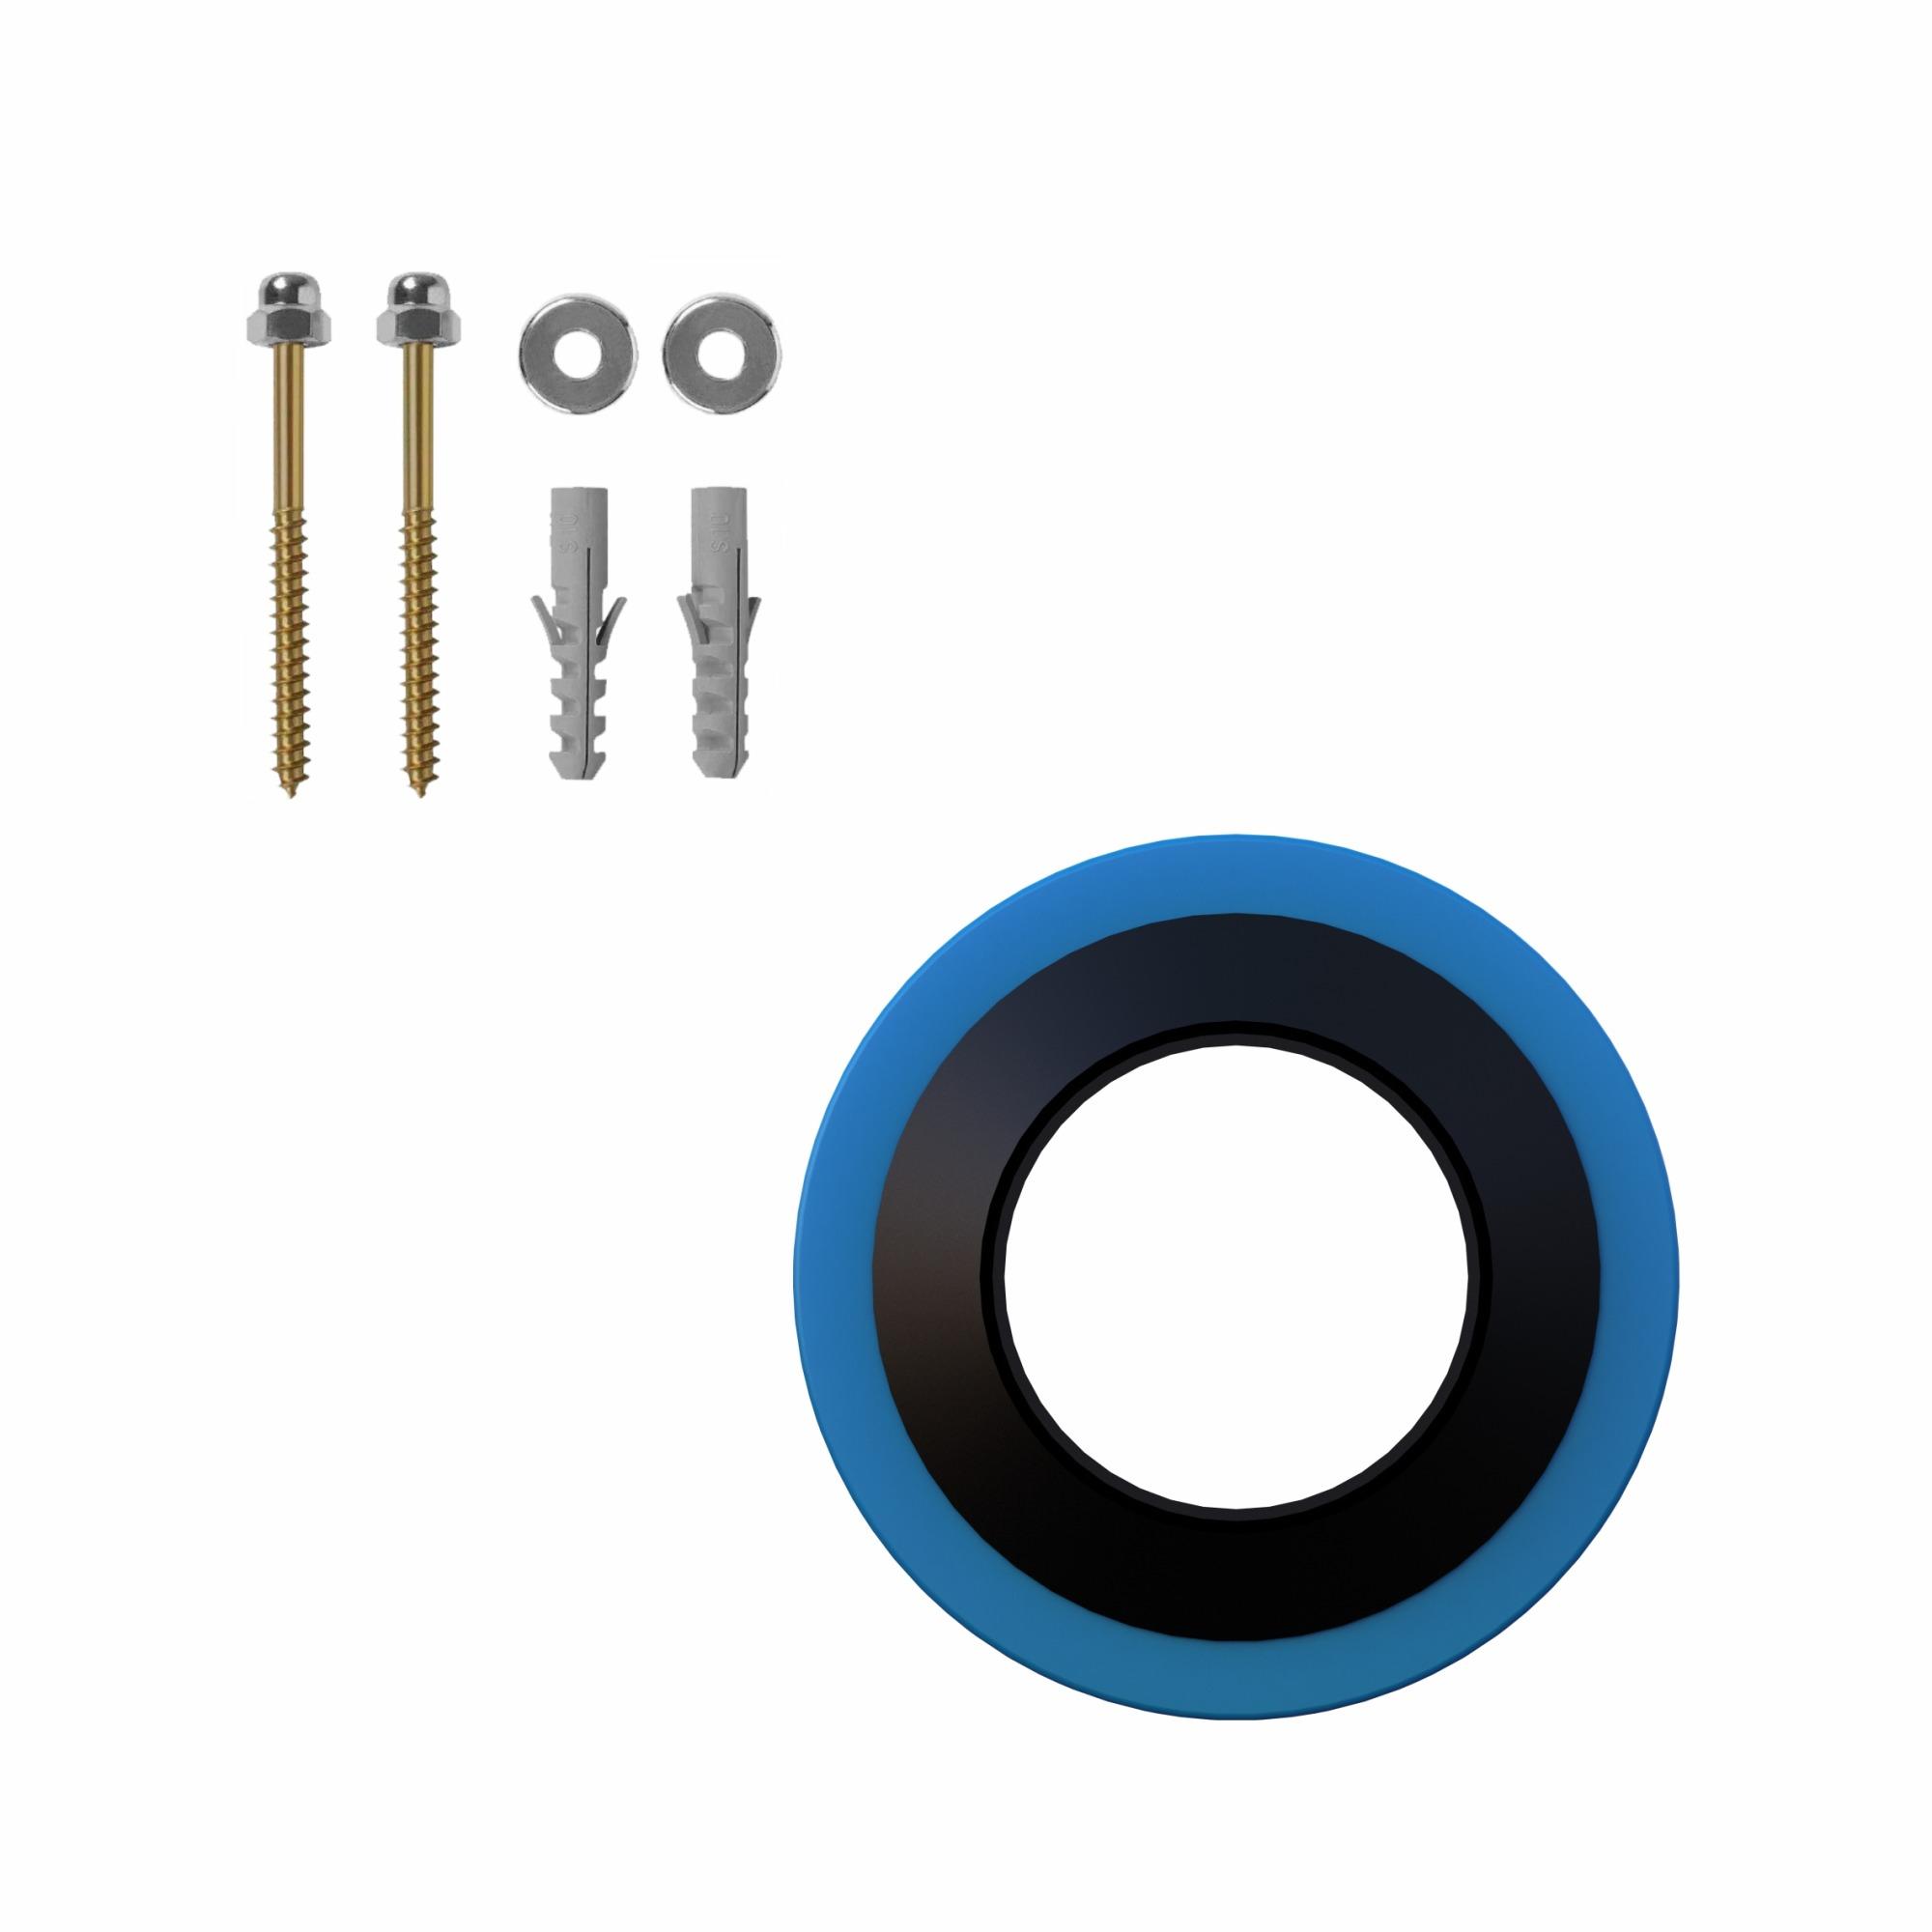 Kit de Acessorios para Instalacao de Bacia com Anel PVC - Injetplast